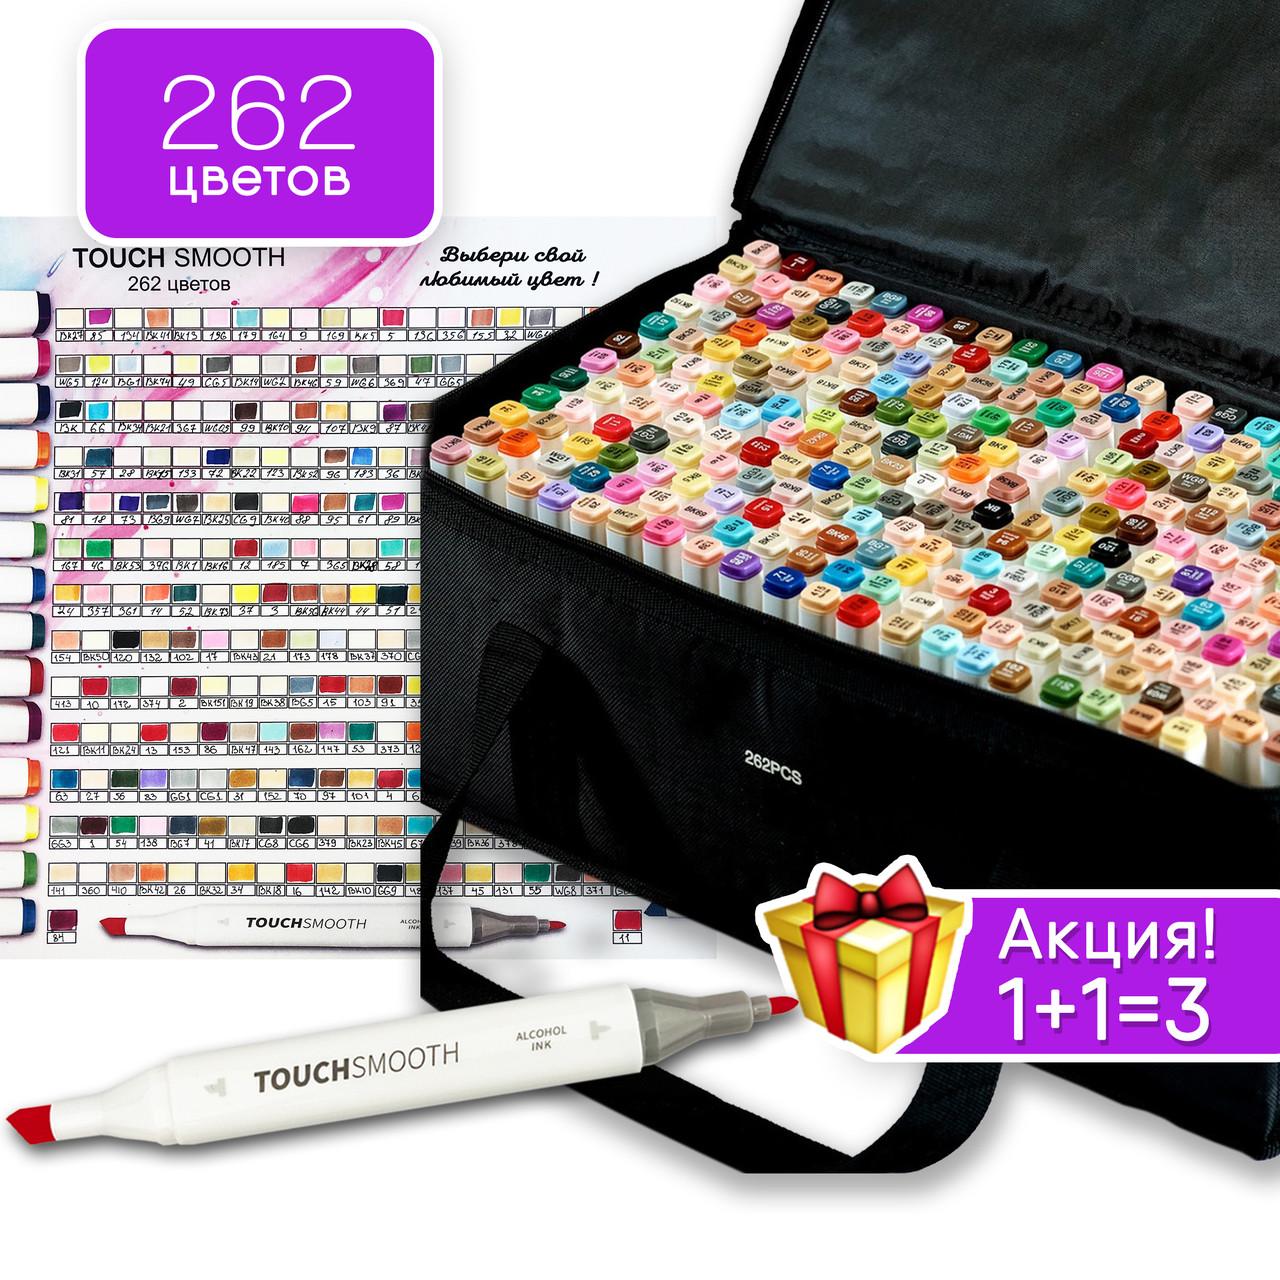 Набір якісних маркерів для художників 262 кольору Touch Smooth для малювання, скетчинга на спиртовій основі